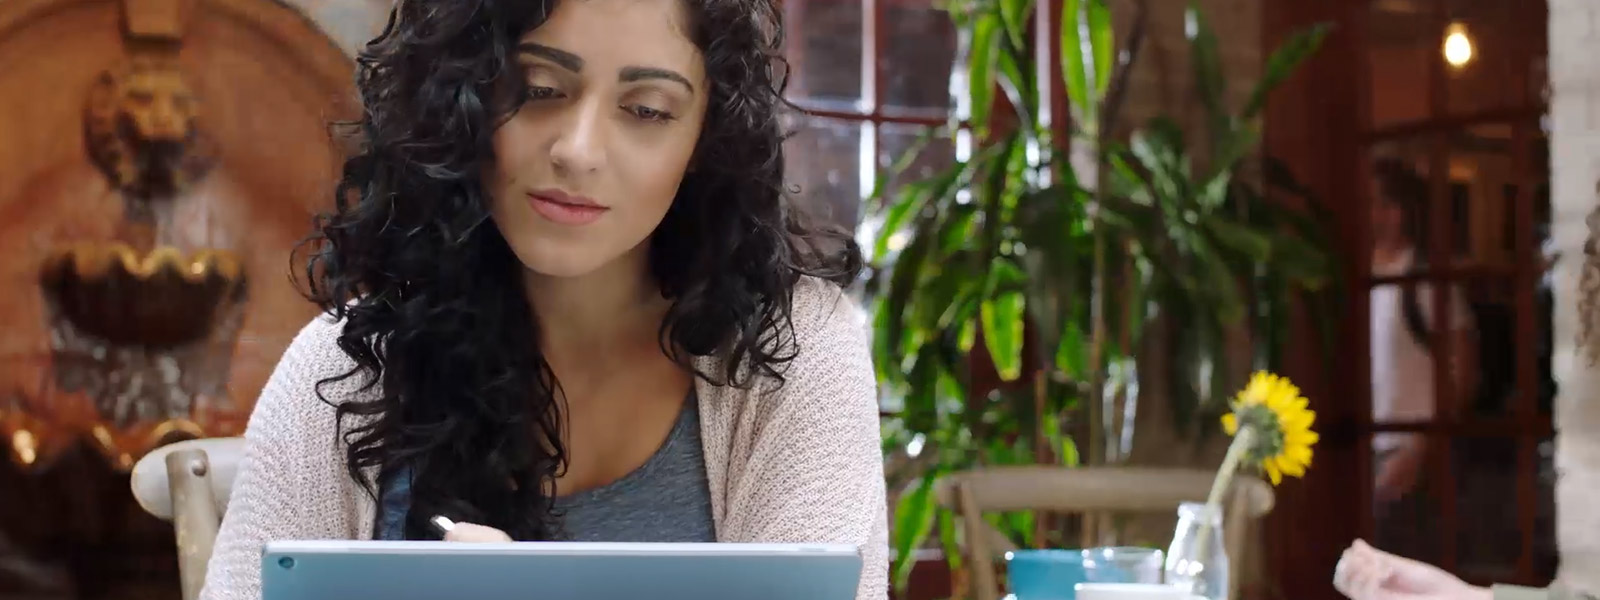 Рукописный ввод в Windows10 с помощью WindowsInk